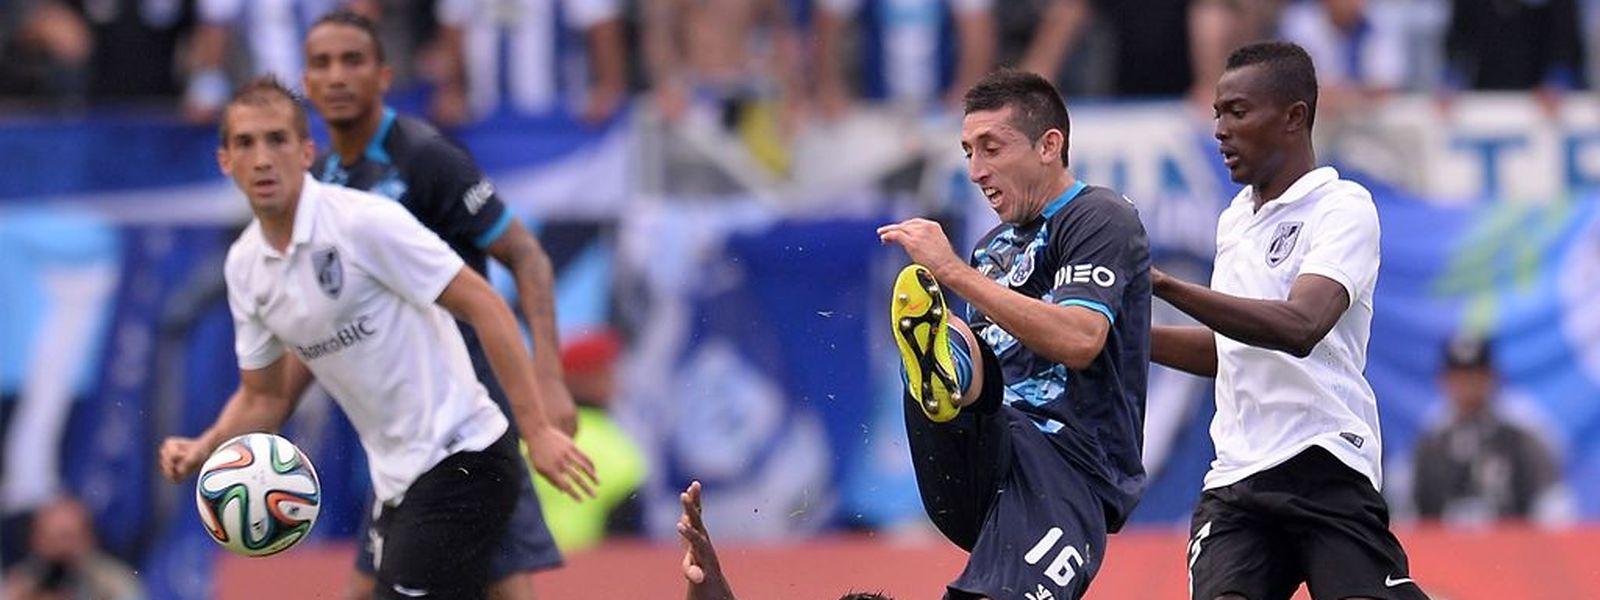 Herrera do FC Porto disputa a bola com Cafu do Vitoria de Guimar~ees